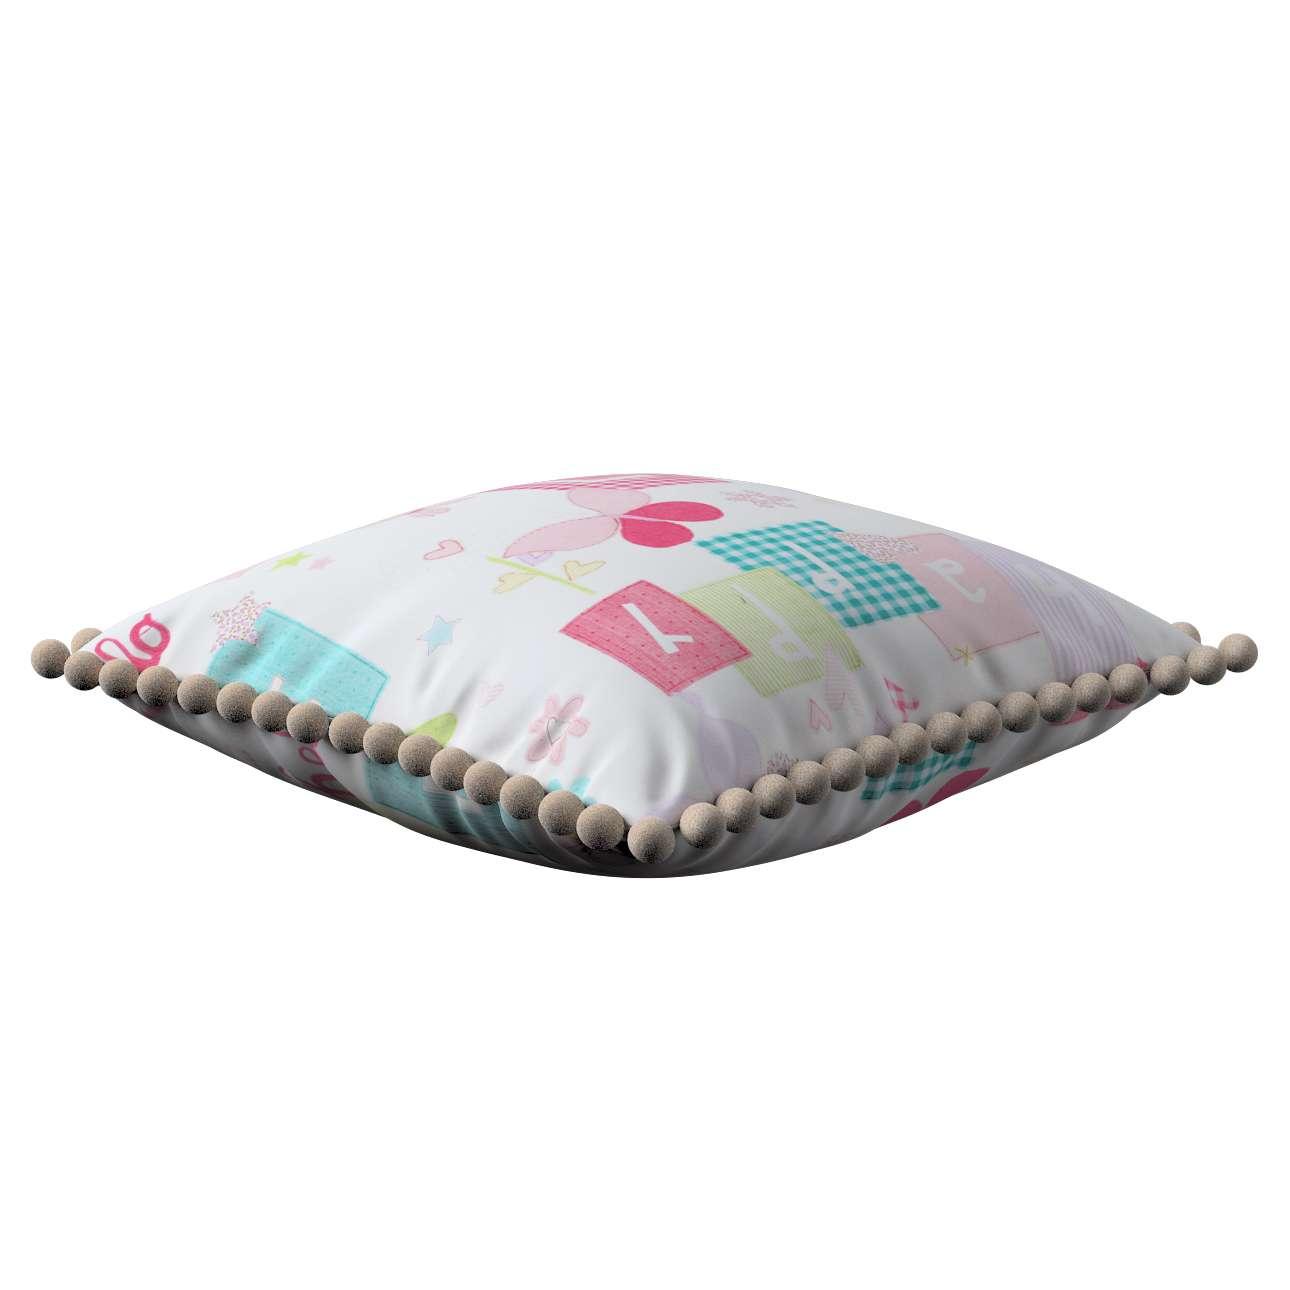 Poszewka Wera na poduszkę w kolekcji Little World, tkanina: 141-51